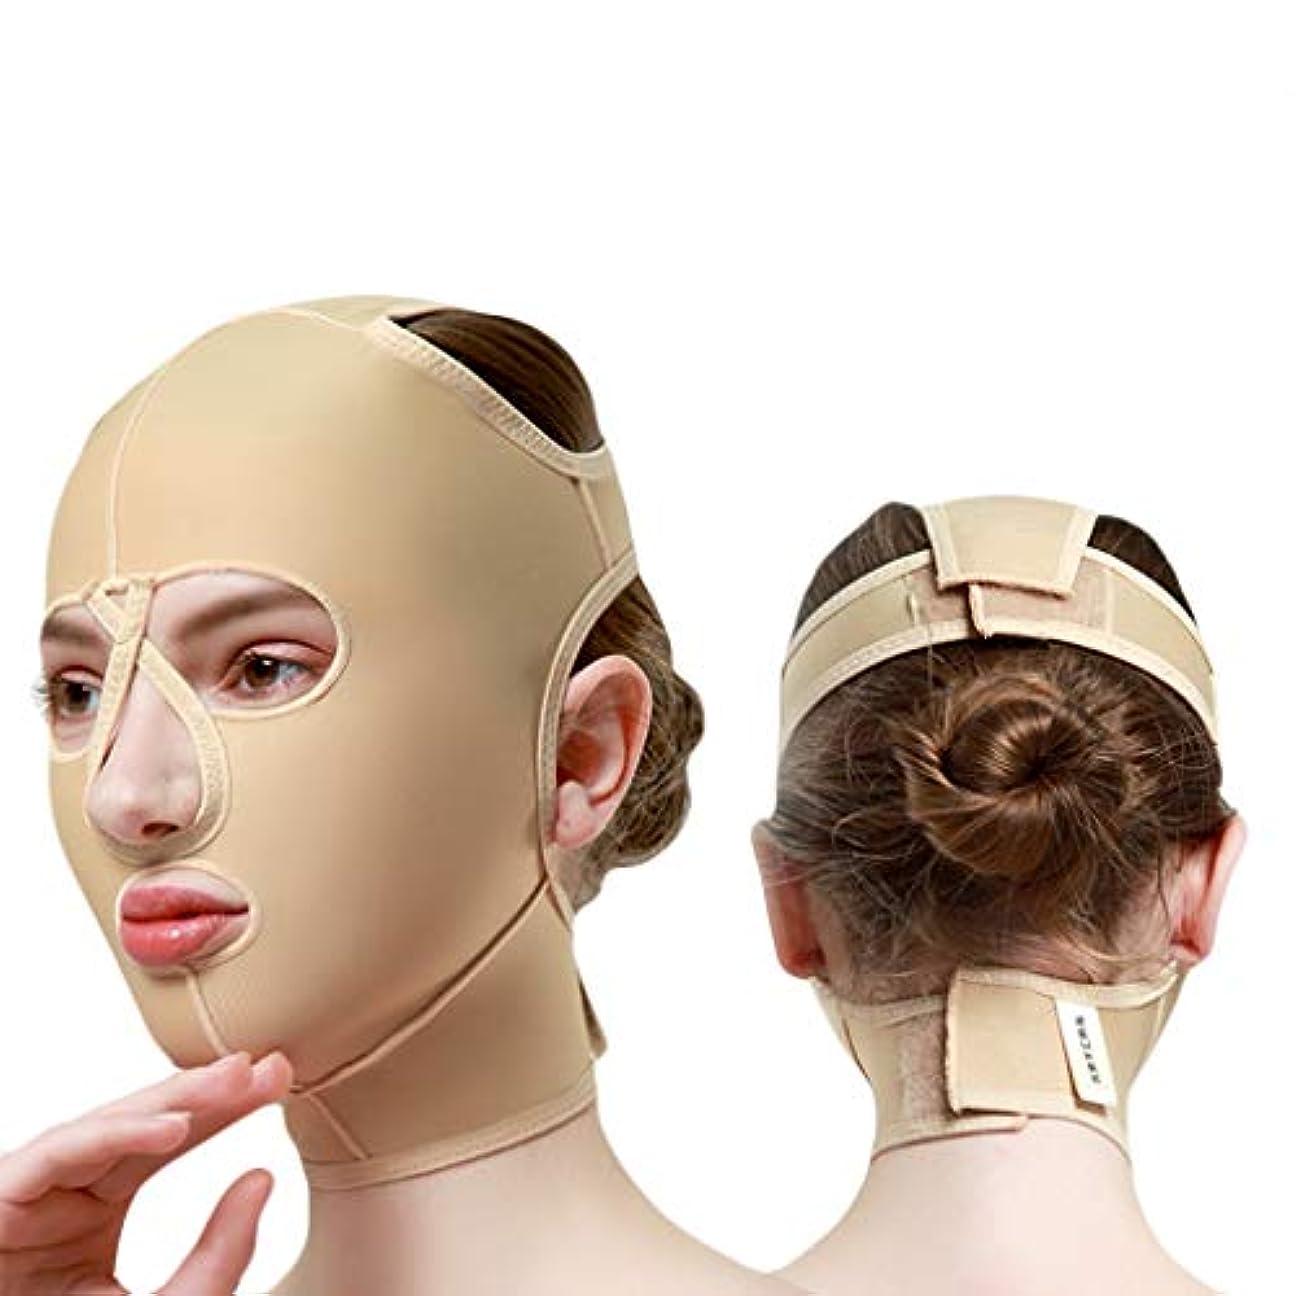 十分なフットボール賭けXHLMRMJ あごのストラップ、顔の彫刻ツール、リフティングマスク、ダブルチンリデューサー、フェイスリフティングエラスティックマスク女性 (Size : XL)